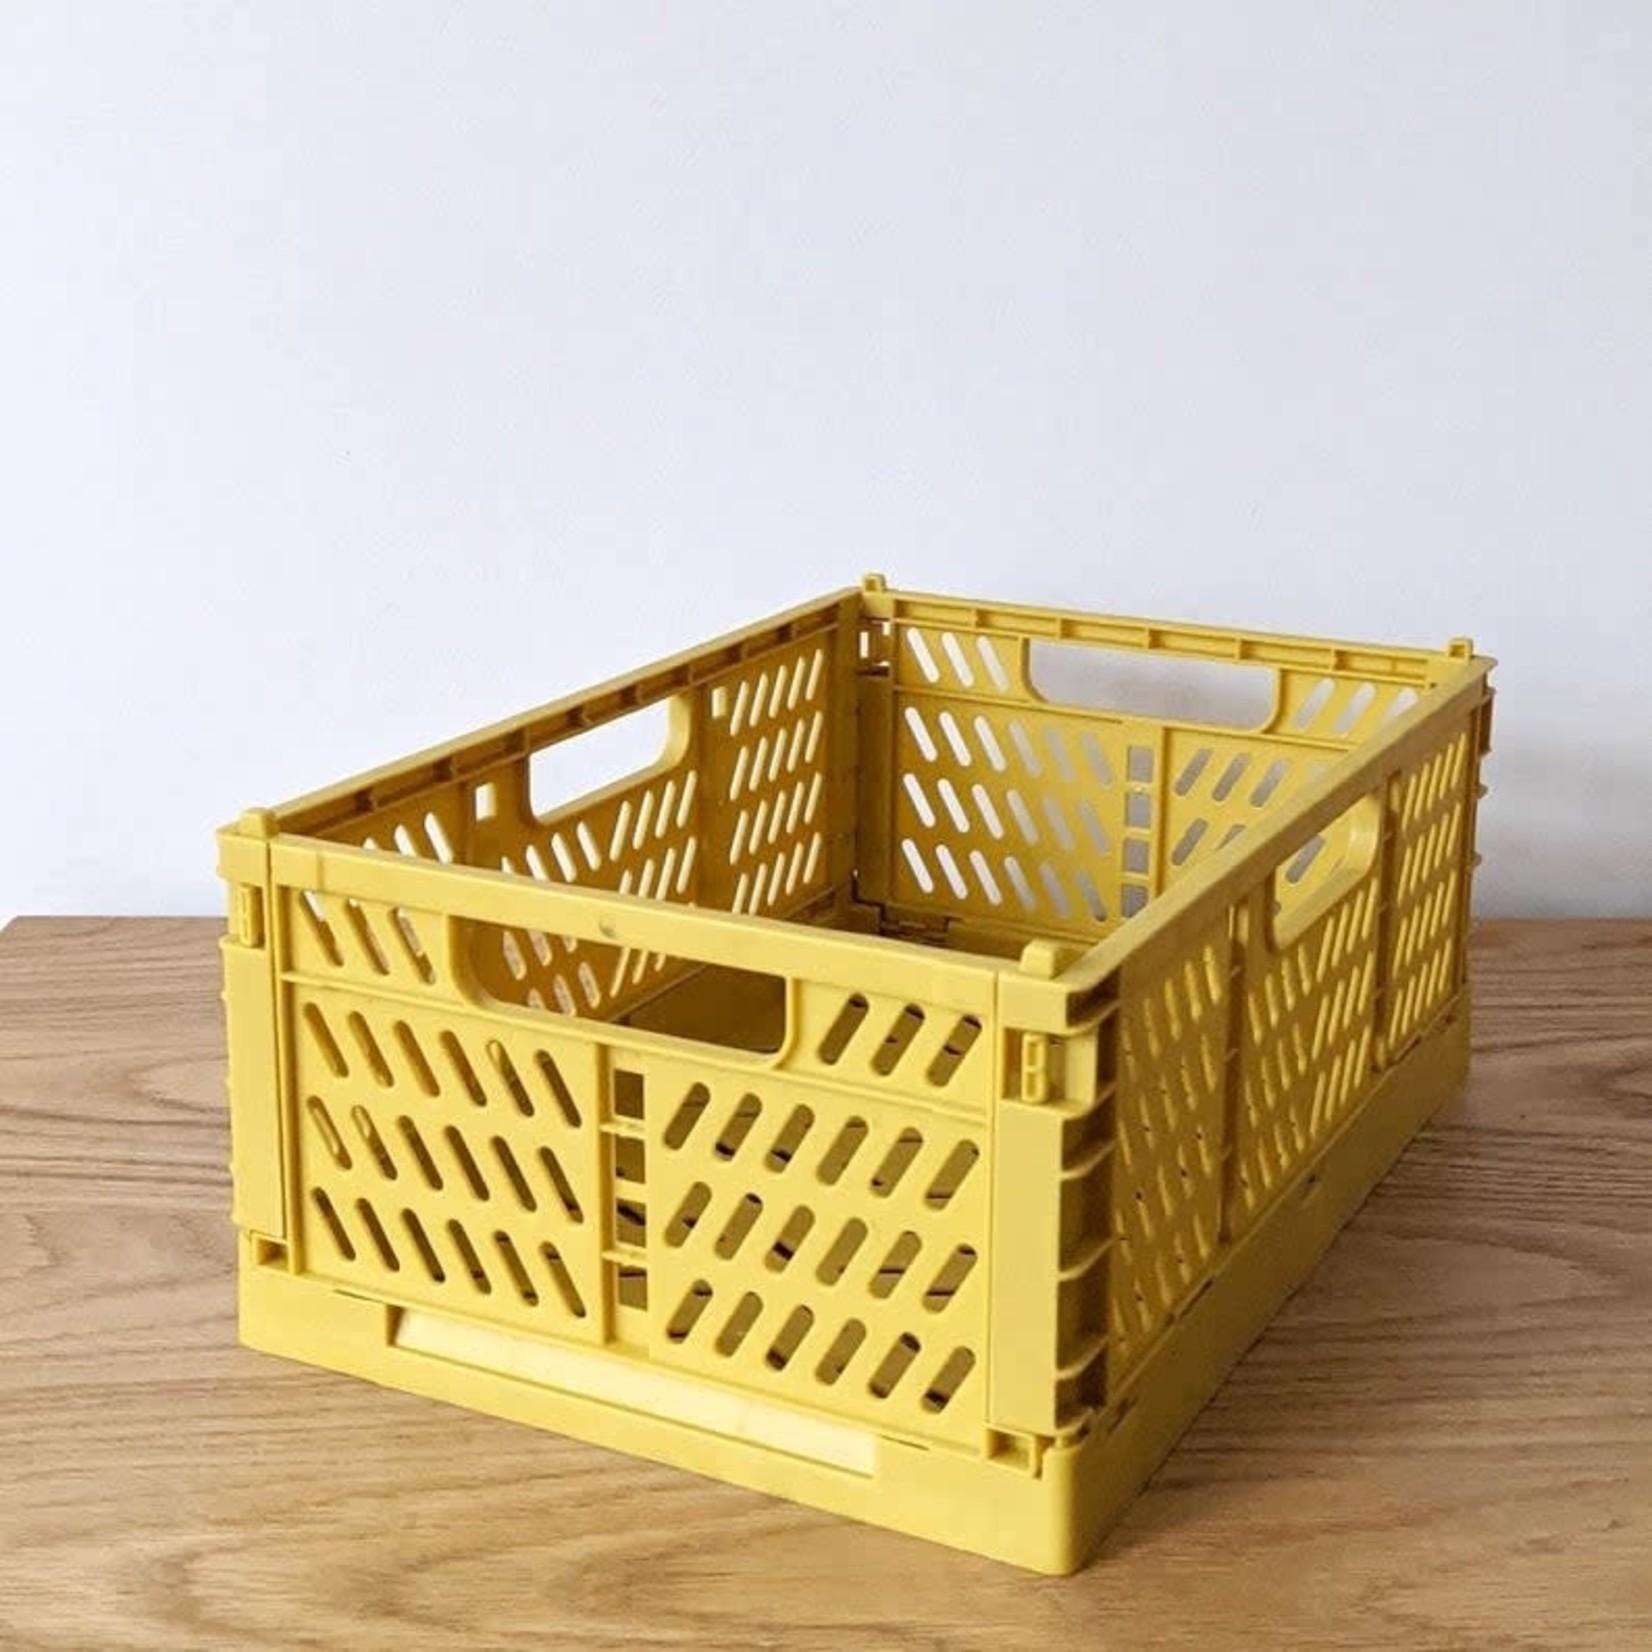 Humber General Store Medium Storage Crate